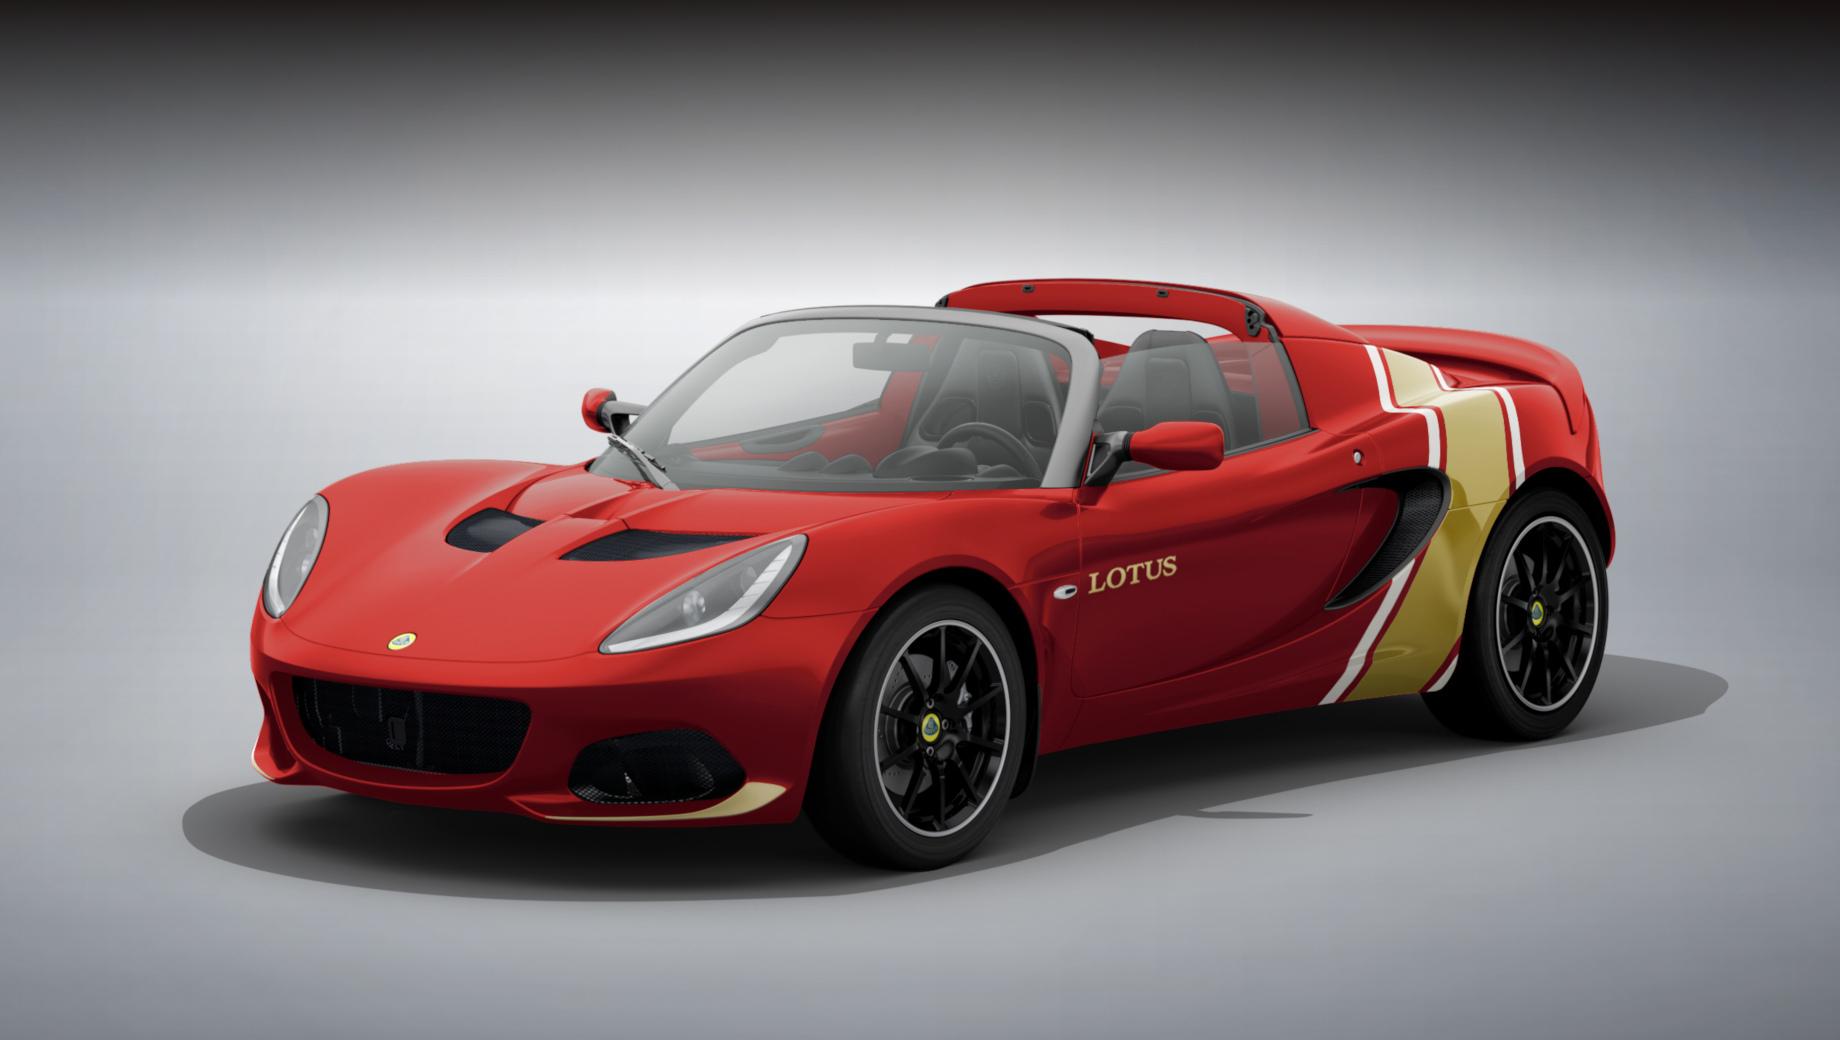 Издание Lotus Elise Classic Heritage раскрасили в честь болидов